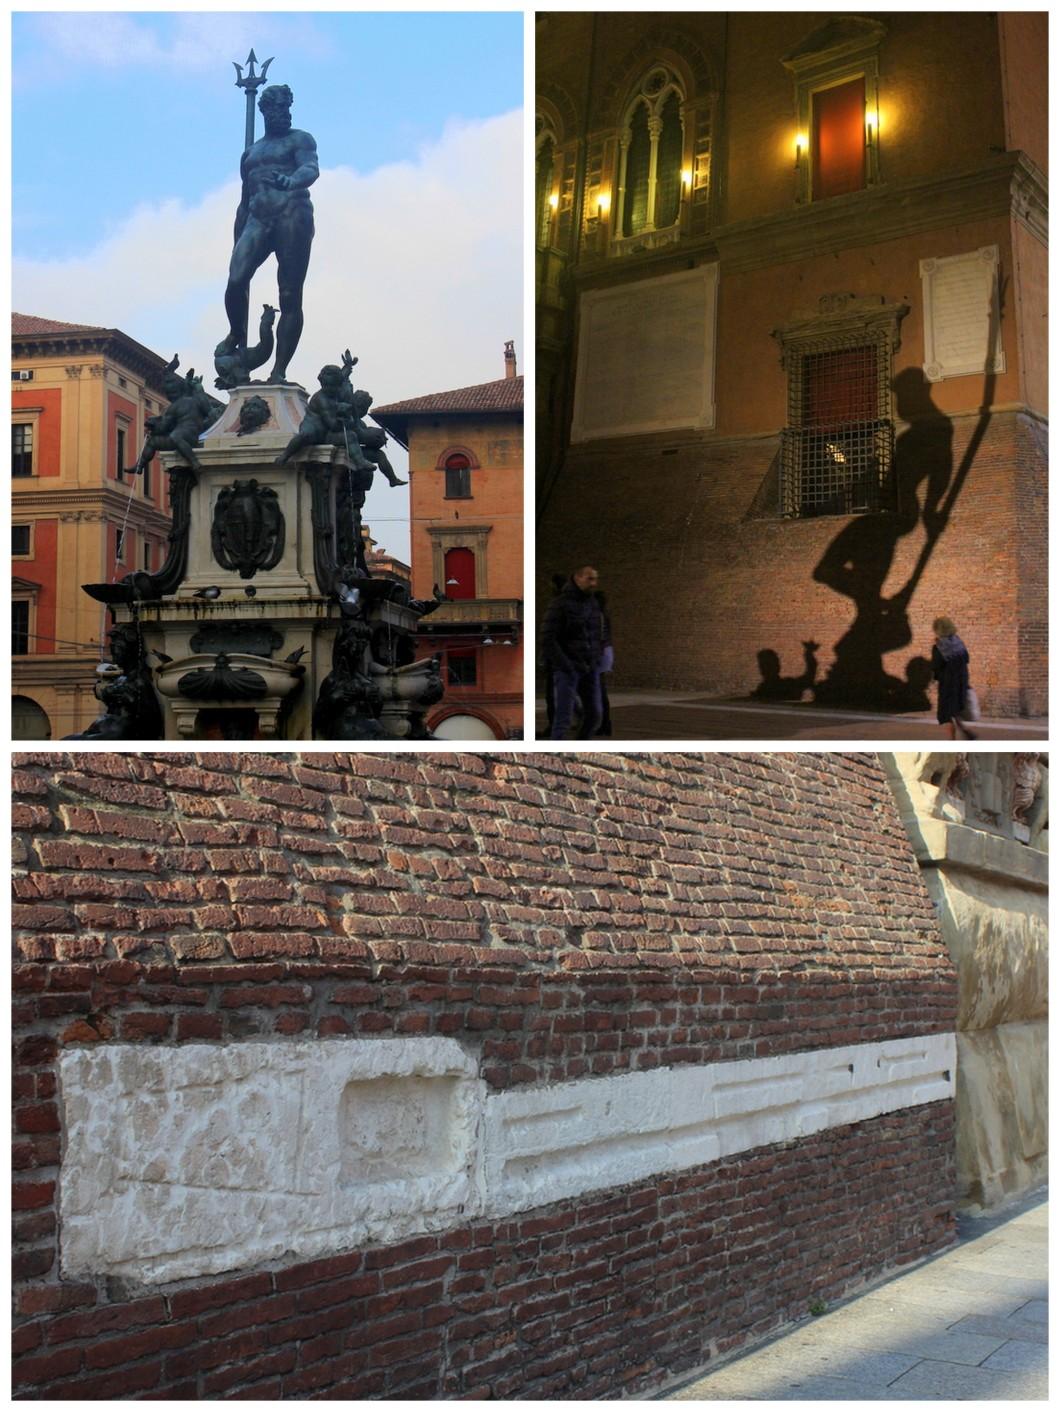 Italy Bologna Neptune Square Piazza Fountain.jpg